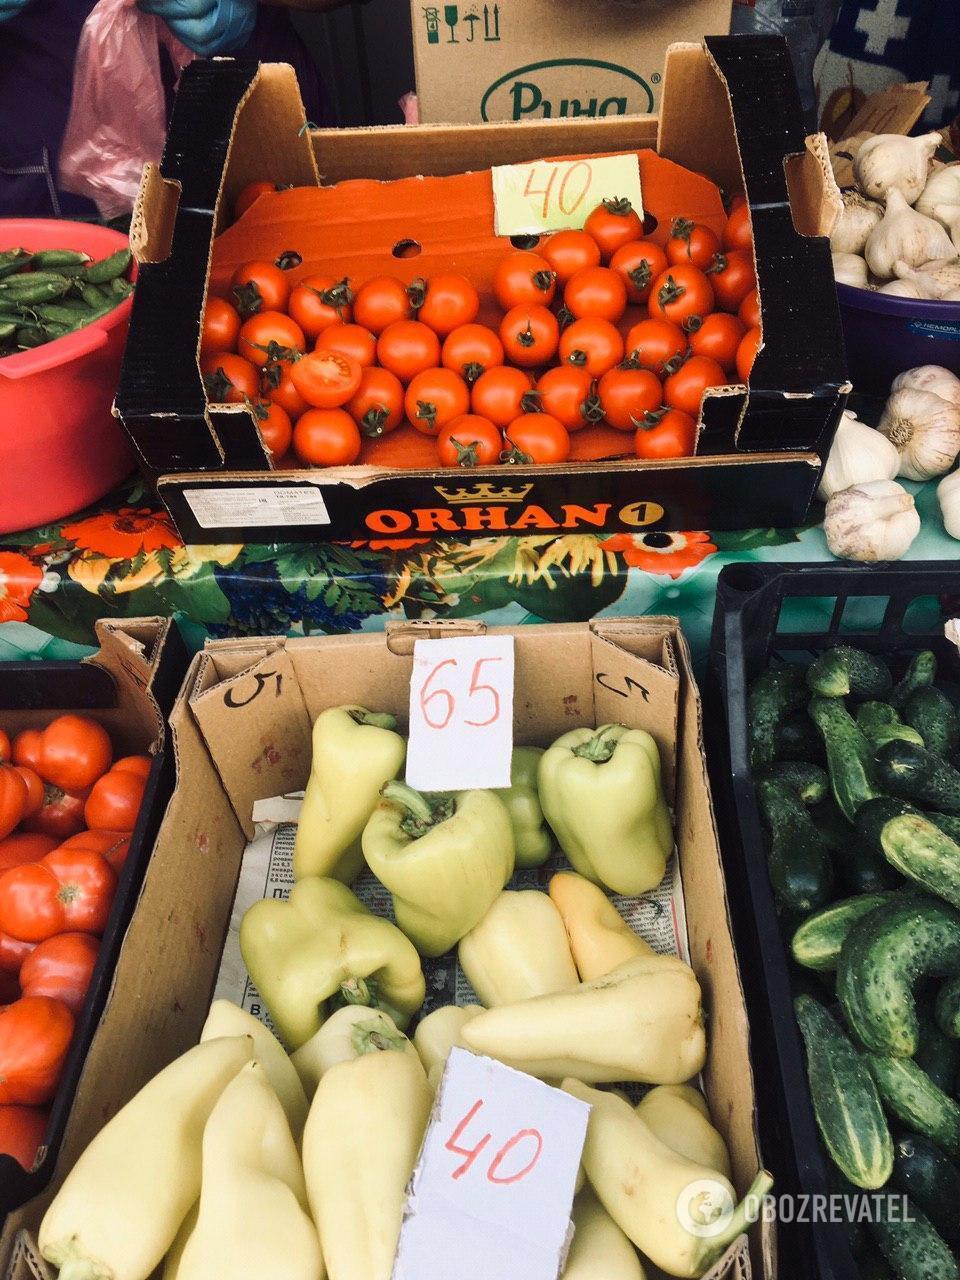 Сладкий перец на рынке обойдется в 40-65 гривен